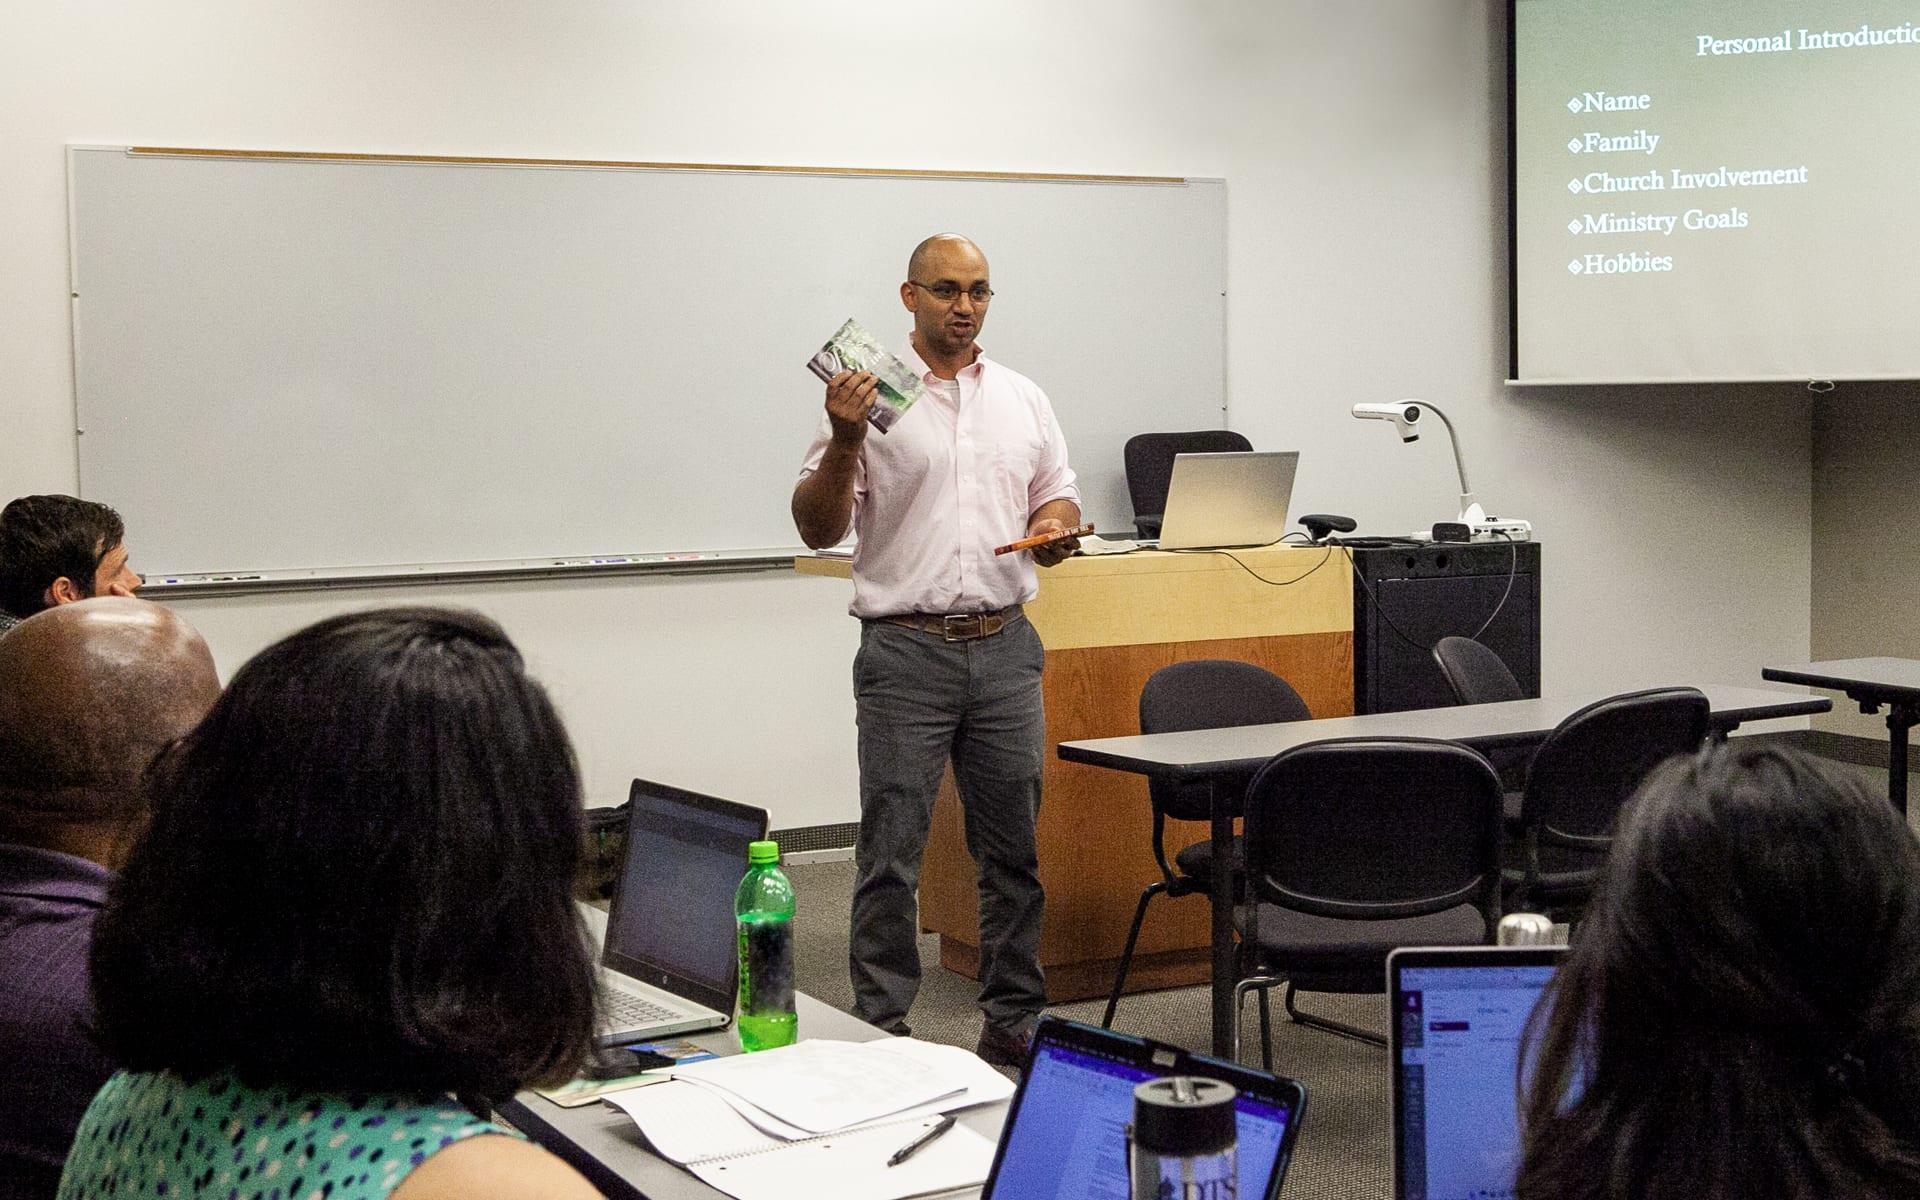 Nate Hoff teaching a class